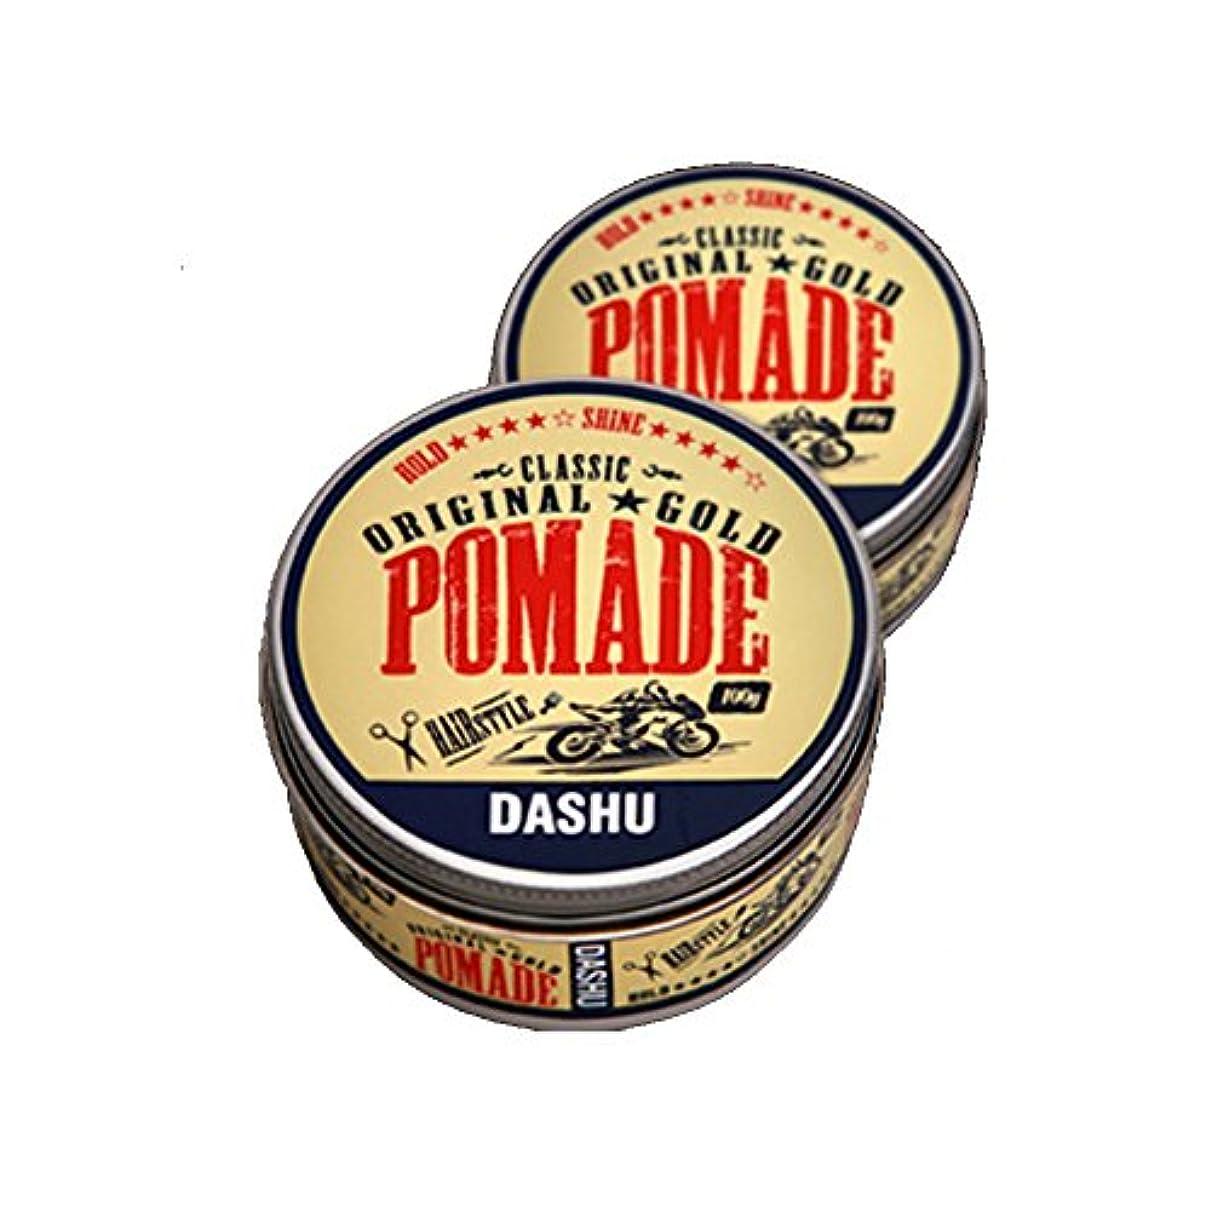 種をまく撤回するドラム(2個セット) x [DASHU] ダシュ クラシックオリジナルゴールドポマードヘアワックス Classic Original Gold Pomade Hair Wax 100ml / 韓国製 . 韓国直送品